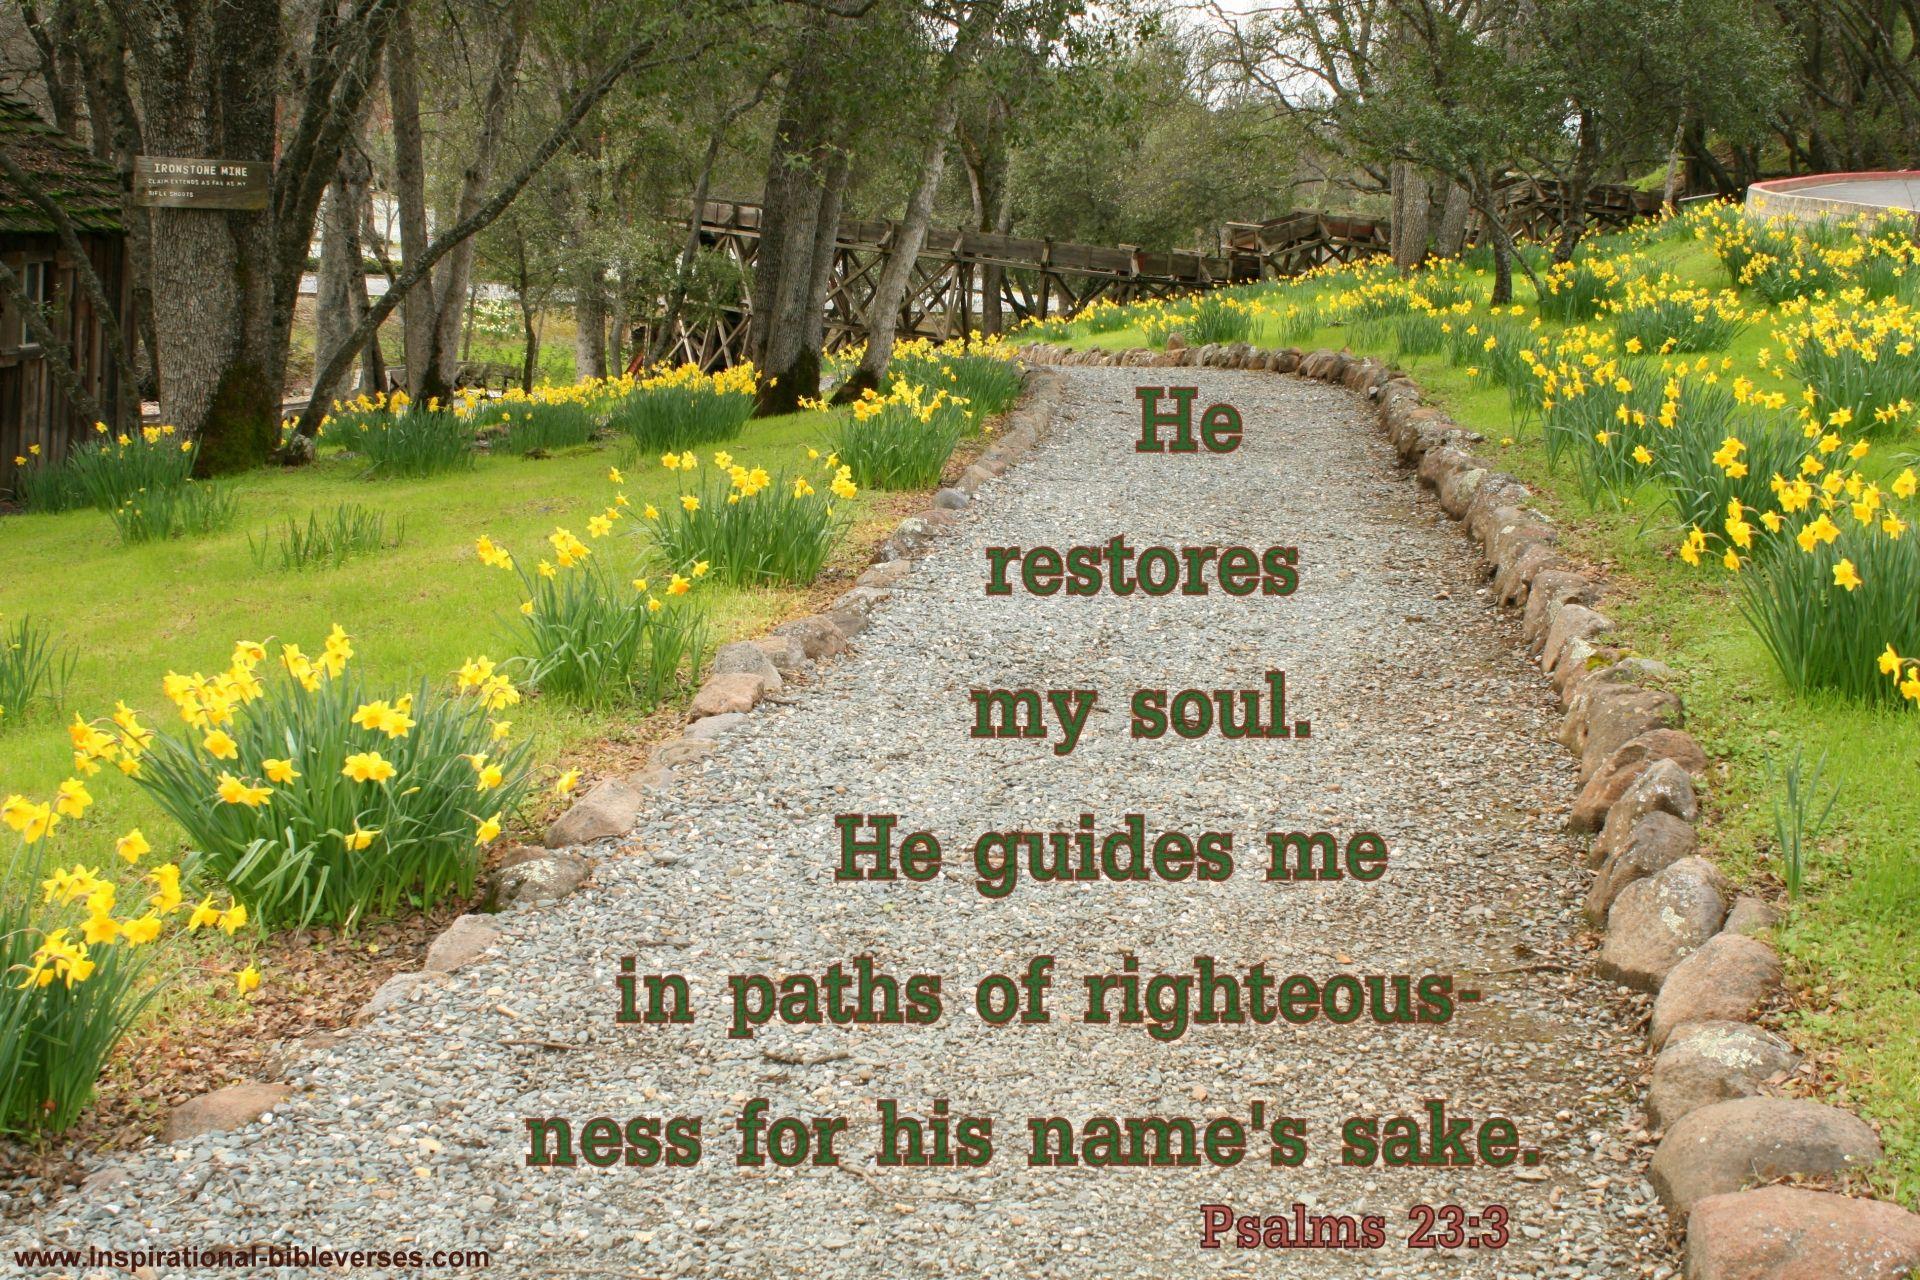 Psalms 23:3 (KJV) 3 He Restoreth My Soul: He Leadeth Me In